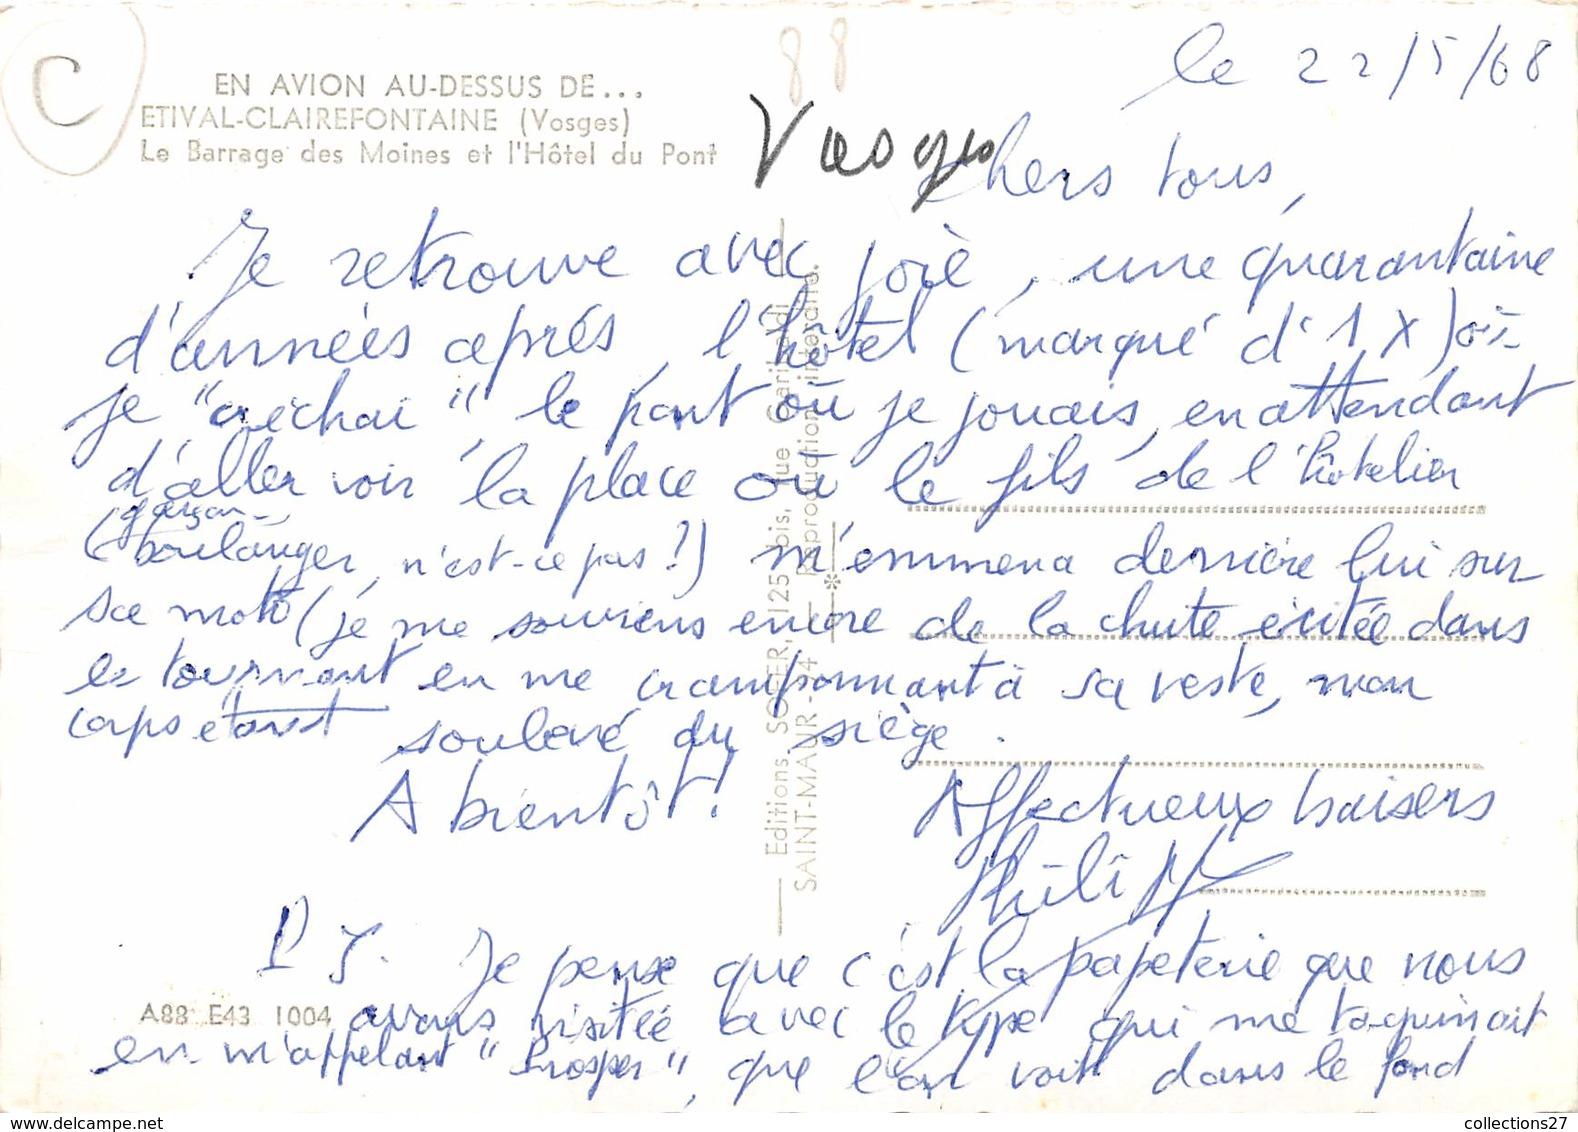 88-ESTIVAL-CLAIREFONTAINE- LE BARRAGE DES MOINES ET L'HÔTEL DU PONT VUE DU CIEL - Etival Clairefontaine